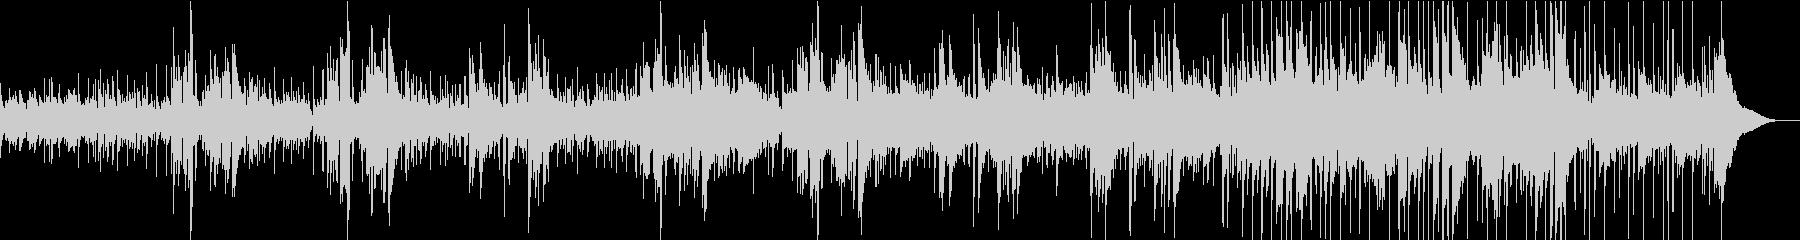 感動を演出するアコギバラードの未再生の波形